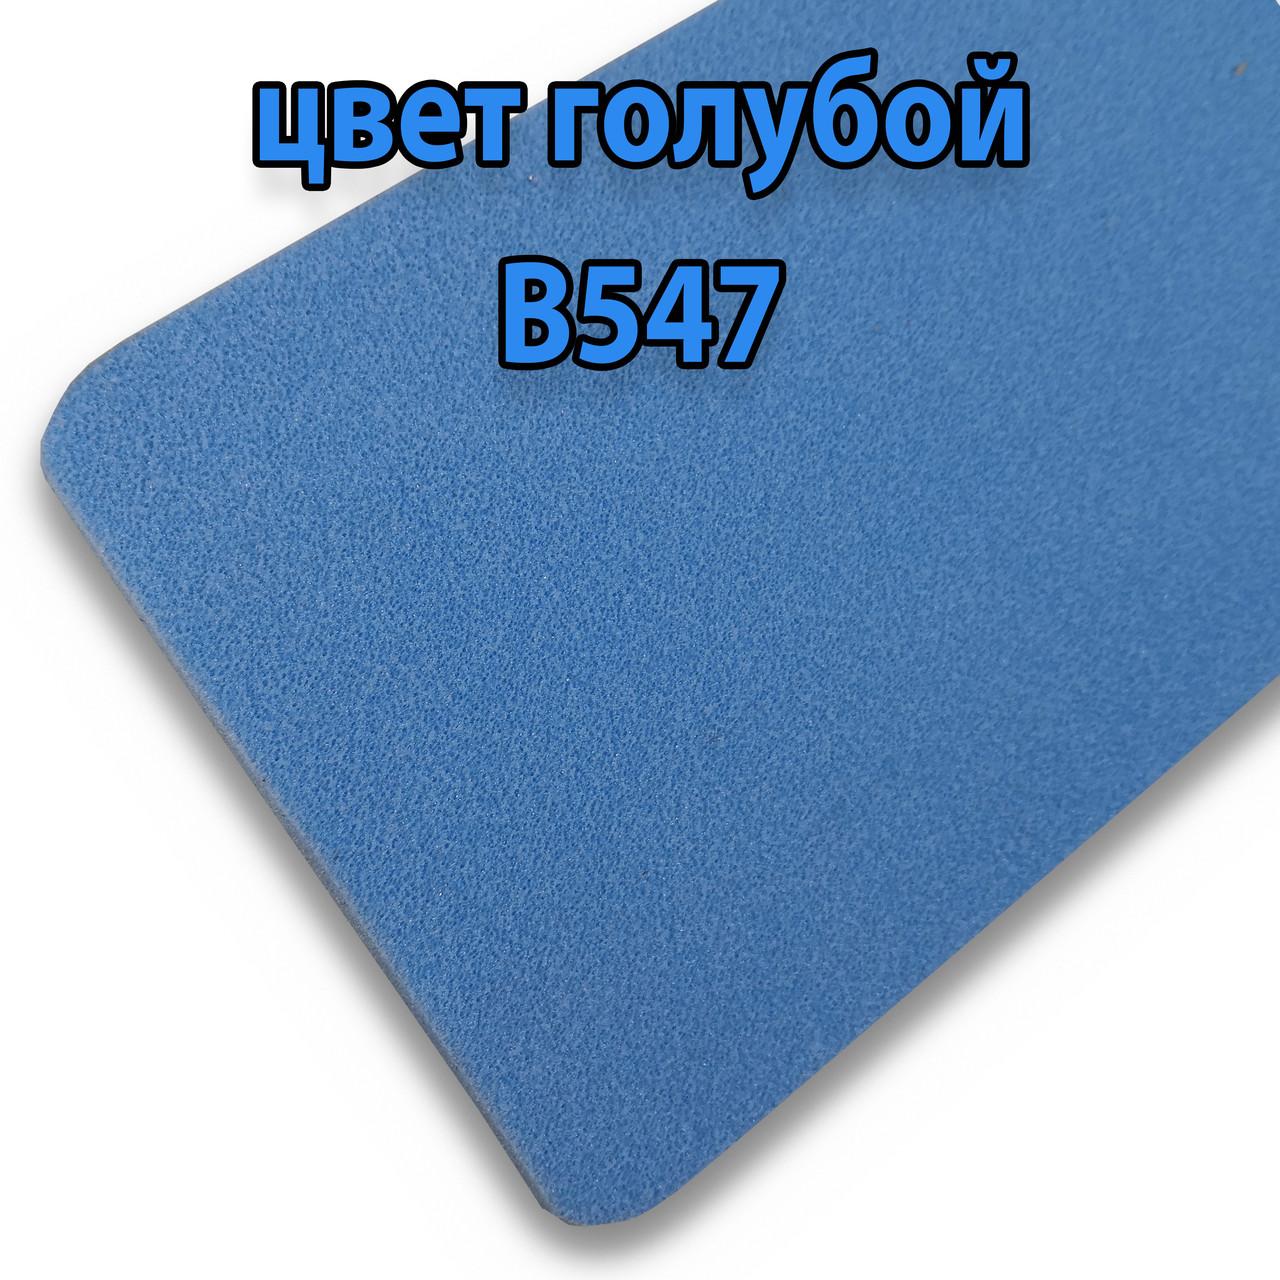 Изолон цветной, 2 мм голубой